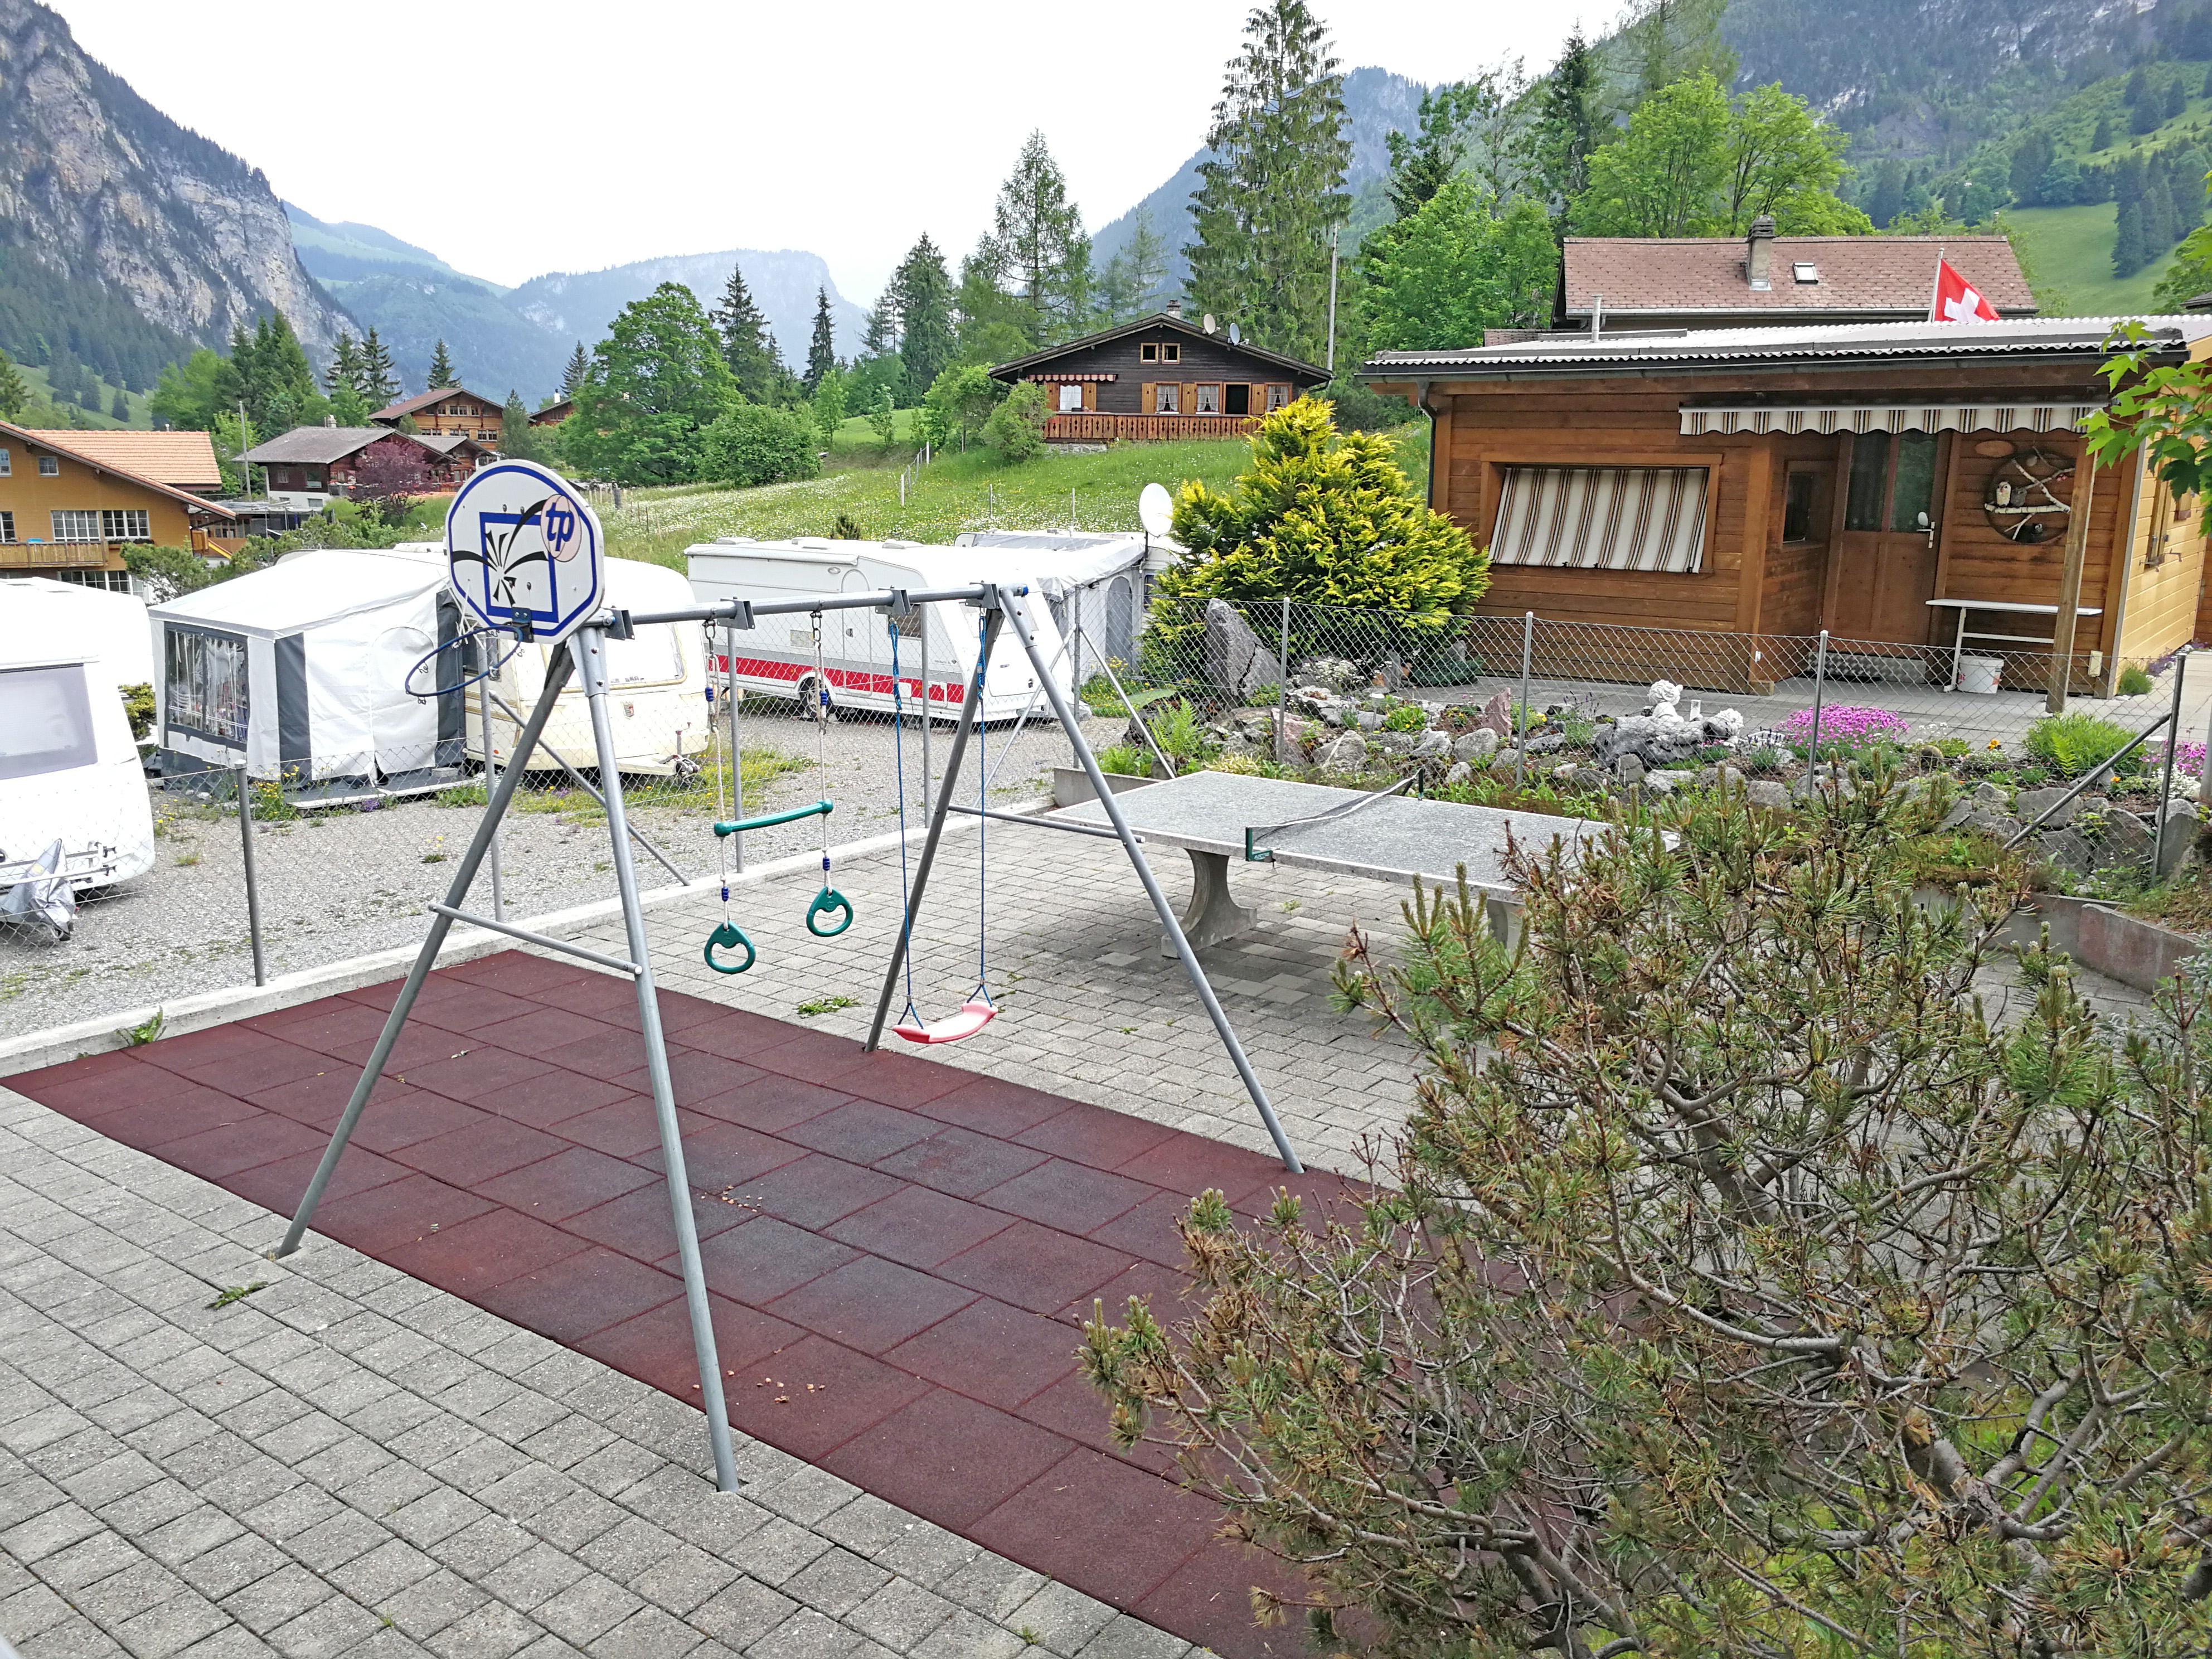 Spielplatz auf dem Campingplatz Eggmatte